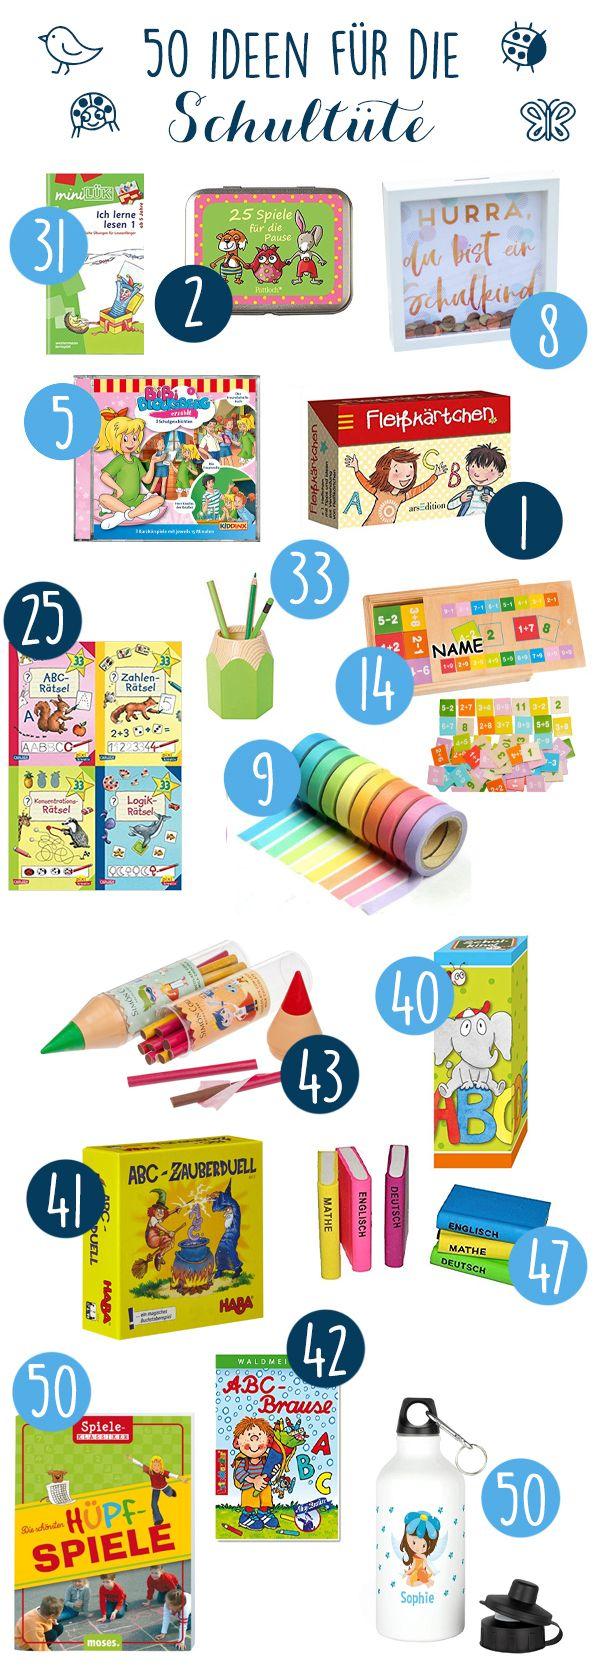 50 günstige Ideen für die Schultüte zur Einschulung für ABC-Kinder!